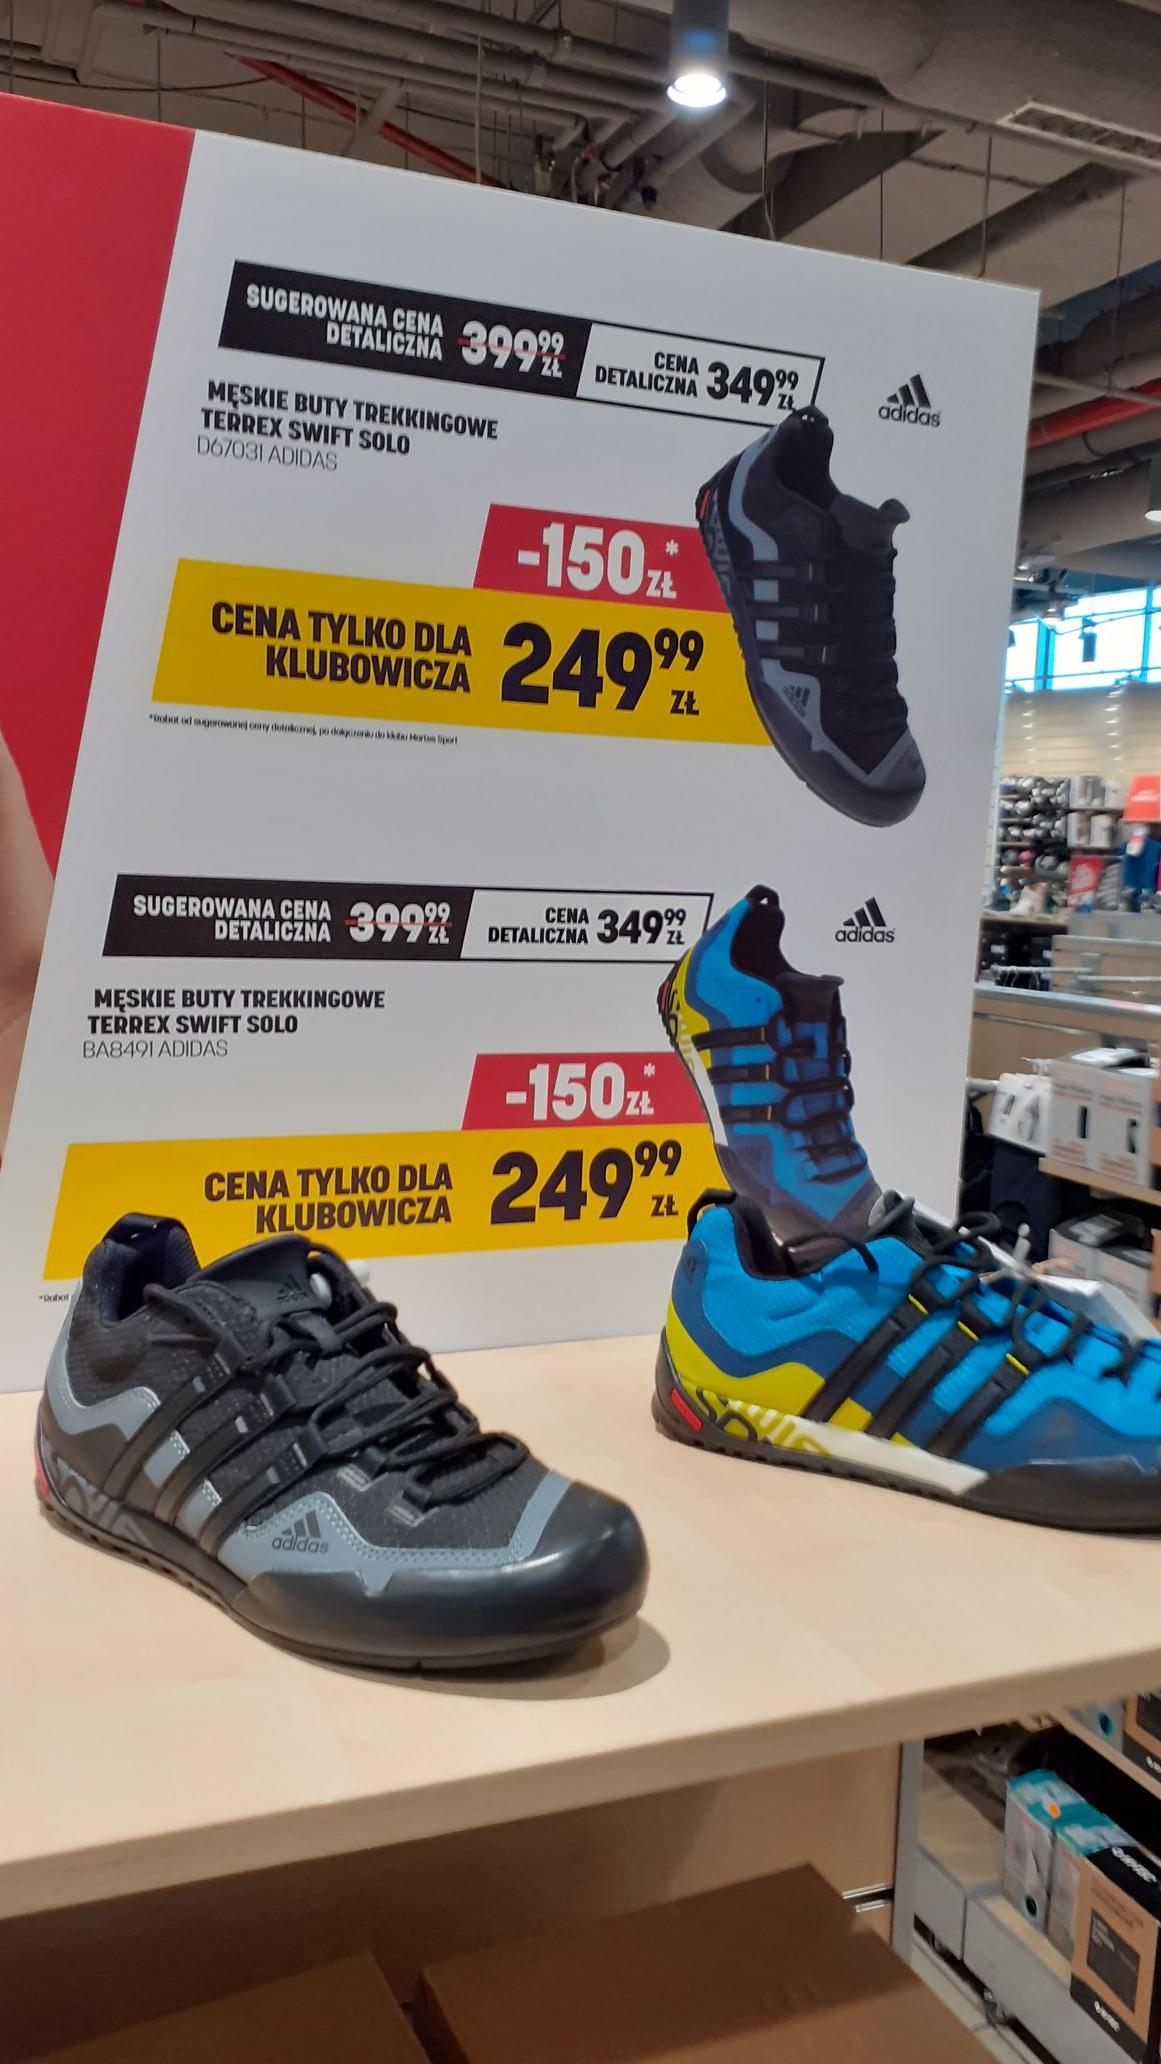 Buty Adidas Terrex swift solo Maters sport